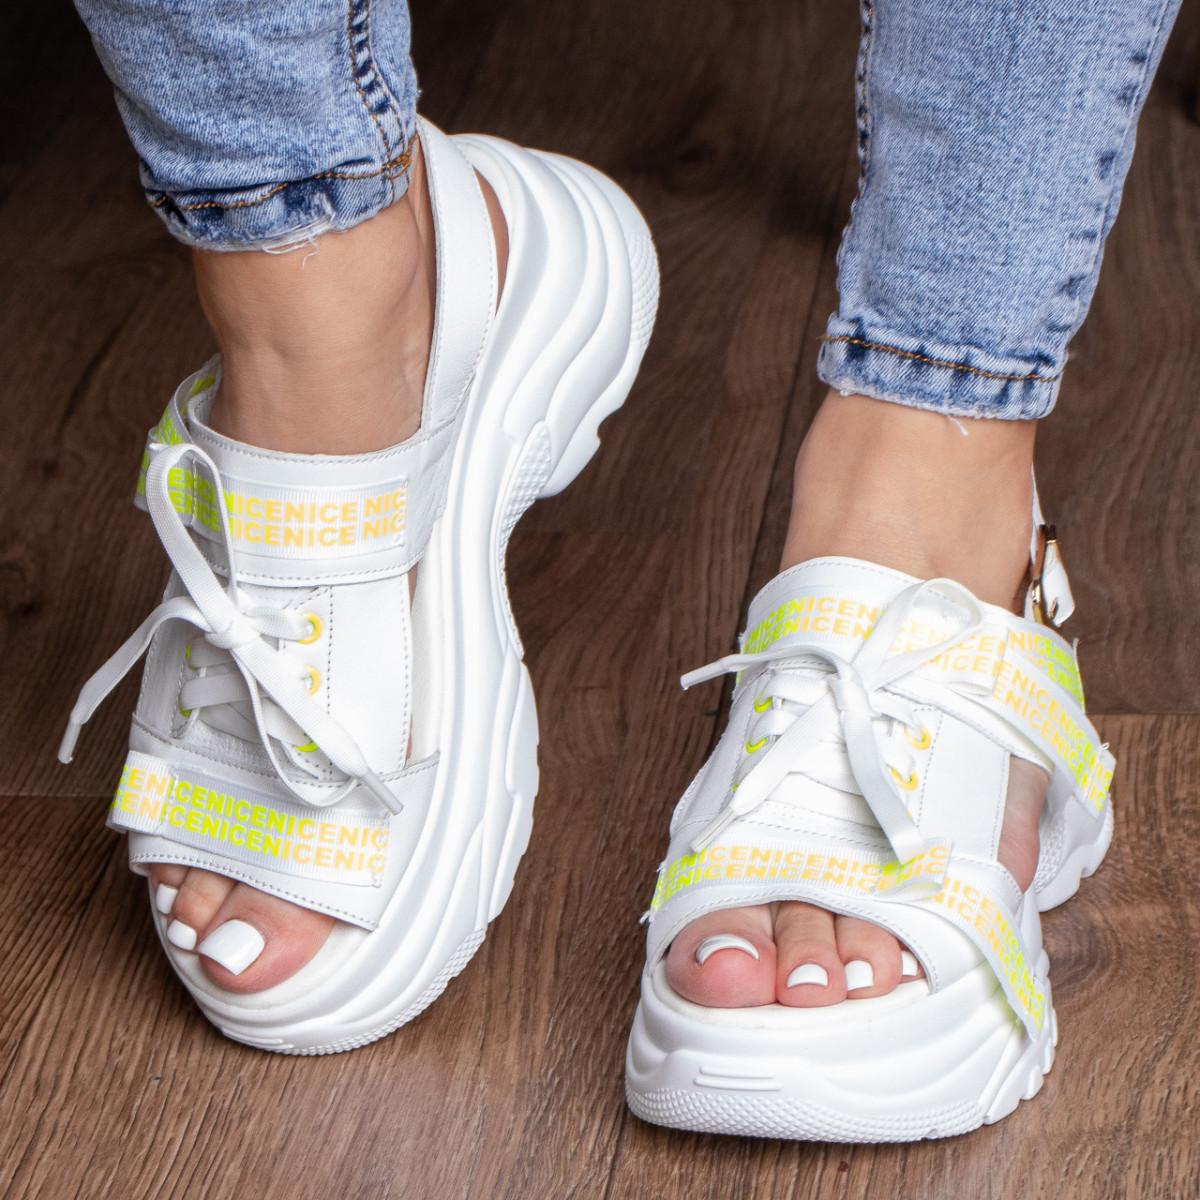 Жіночі сандалі Fashion Taffy 3016 36 розмір 23 см Білий